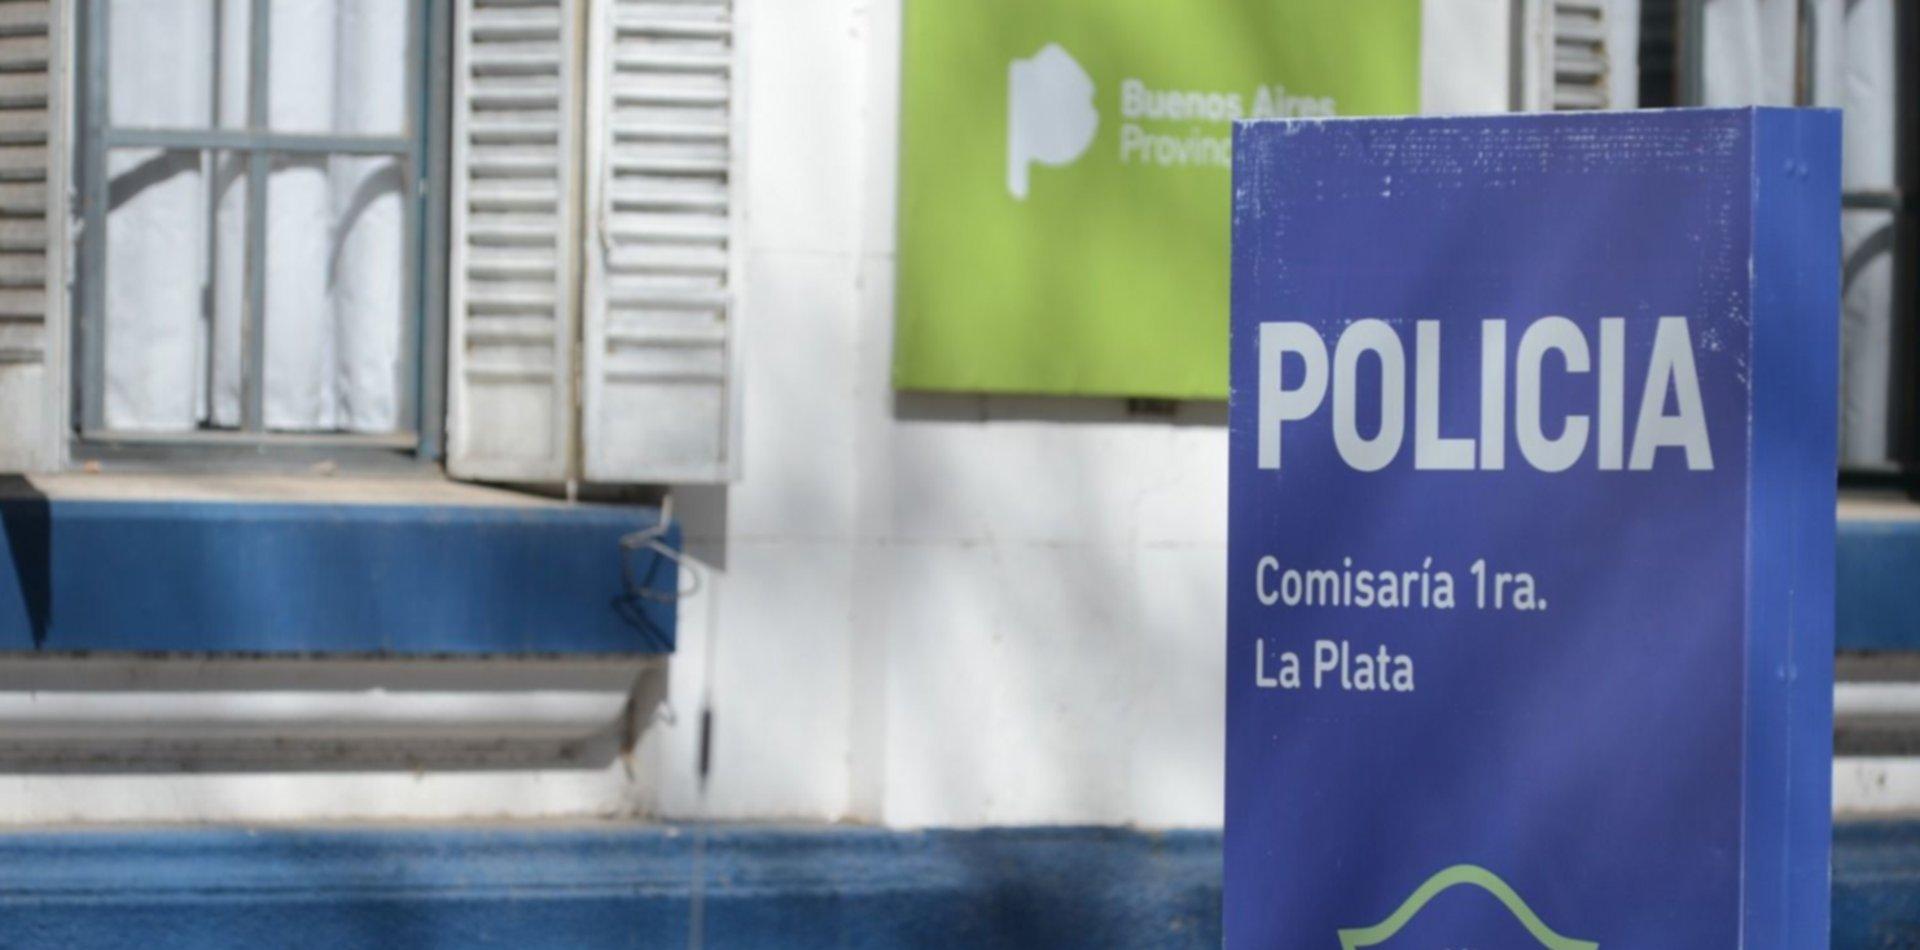 Otro policía de La Plata murió por coronavirus y crece la angustia en las fuerzas